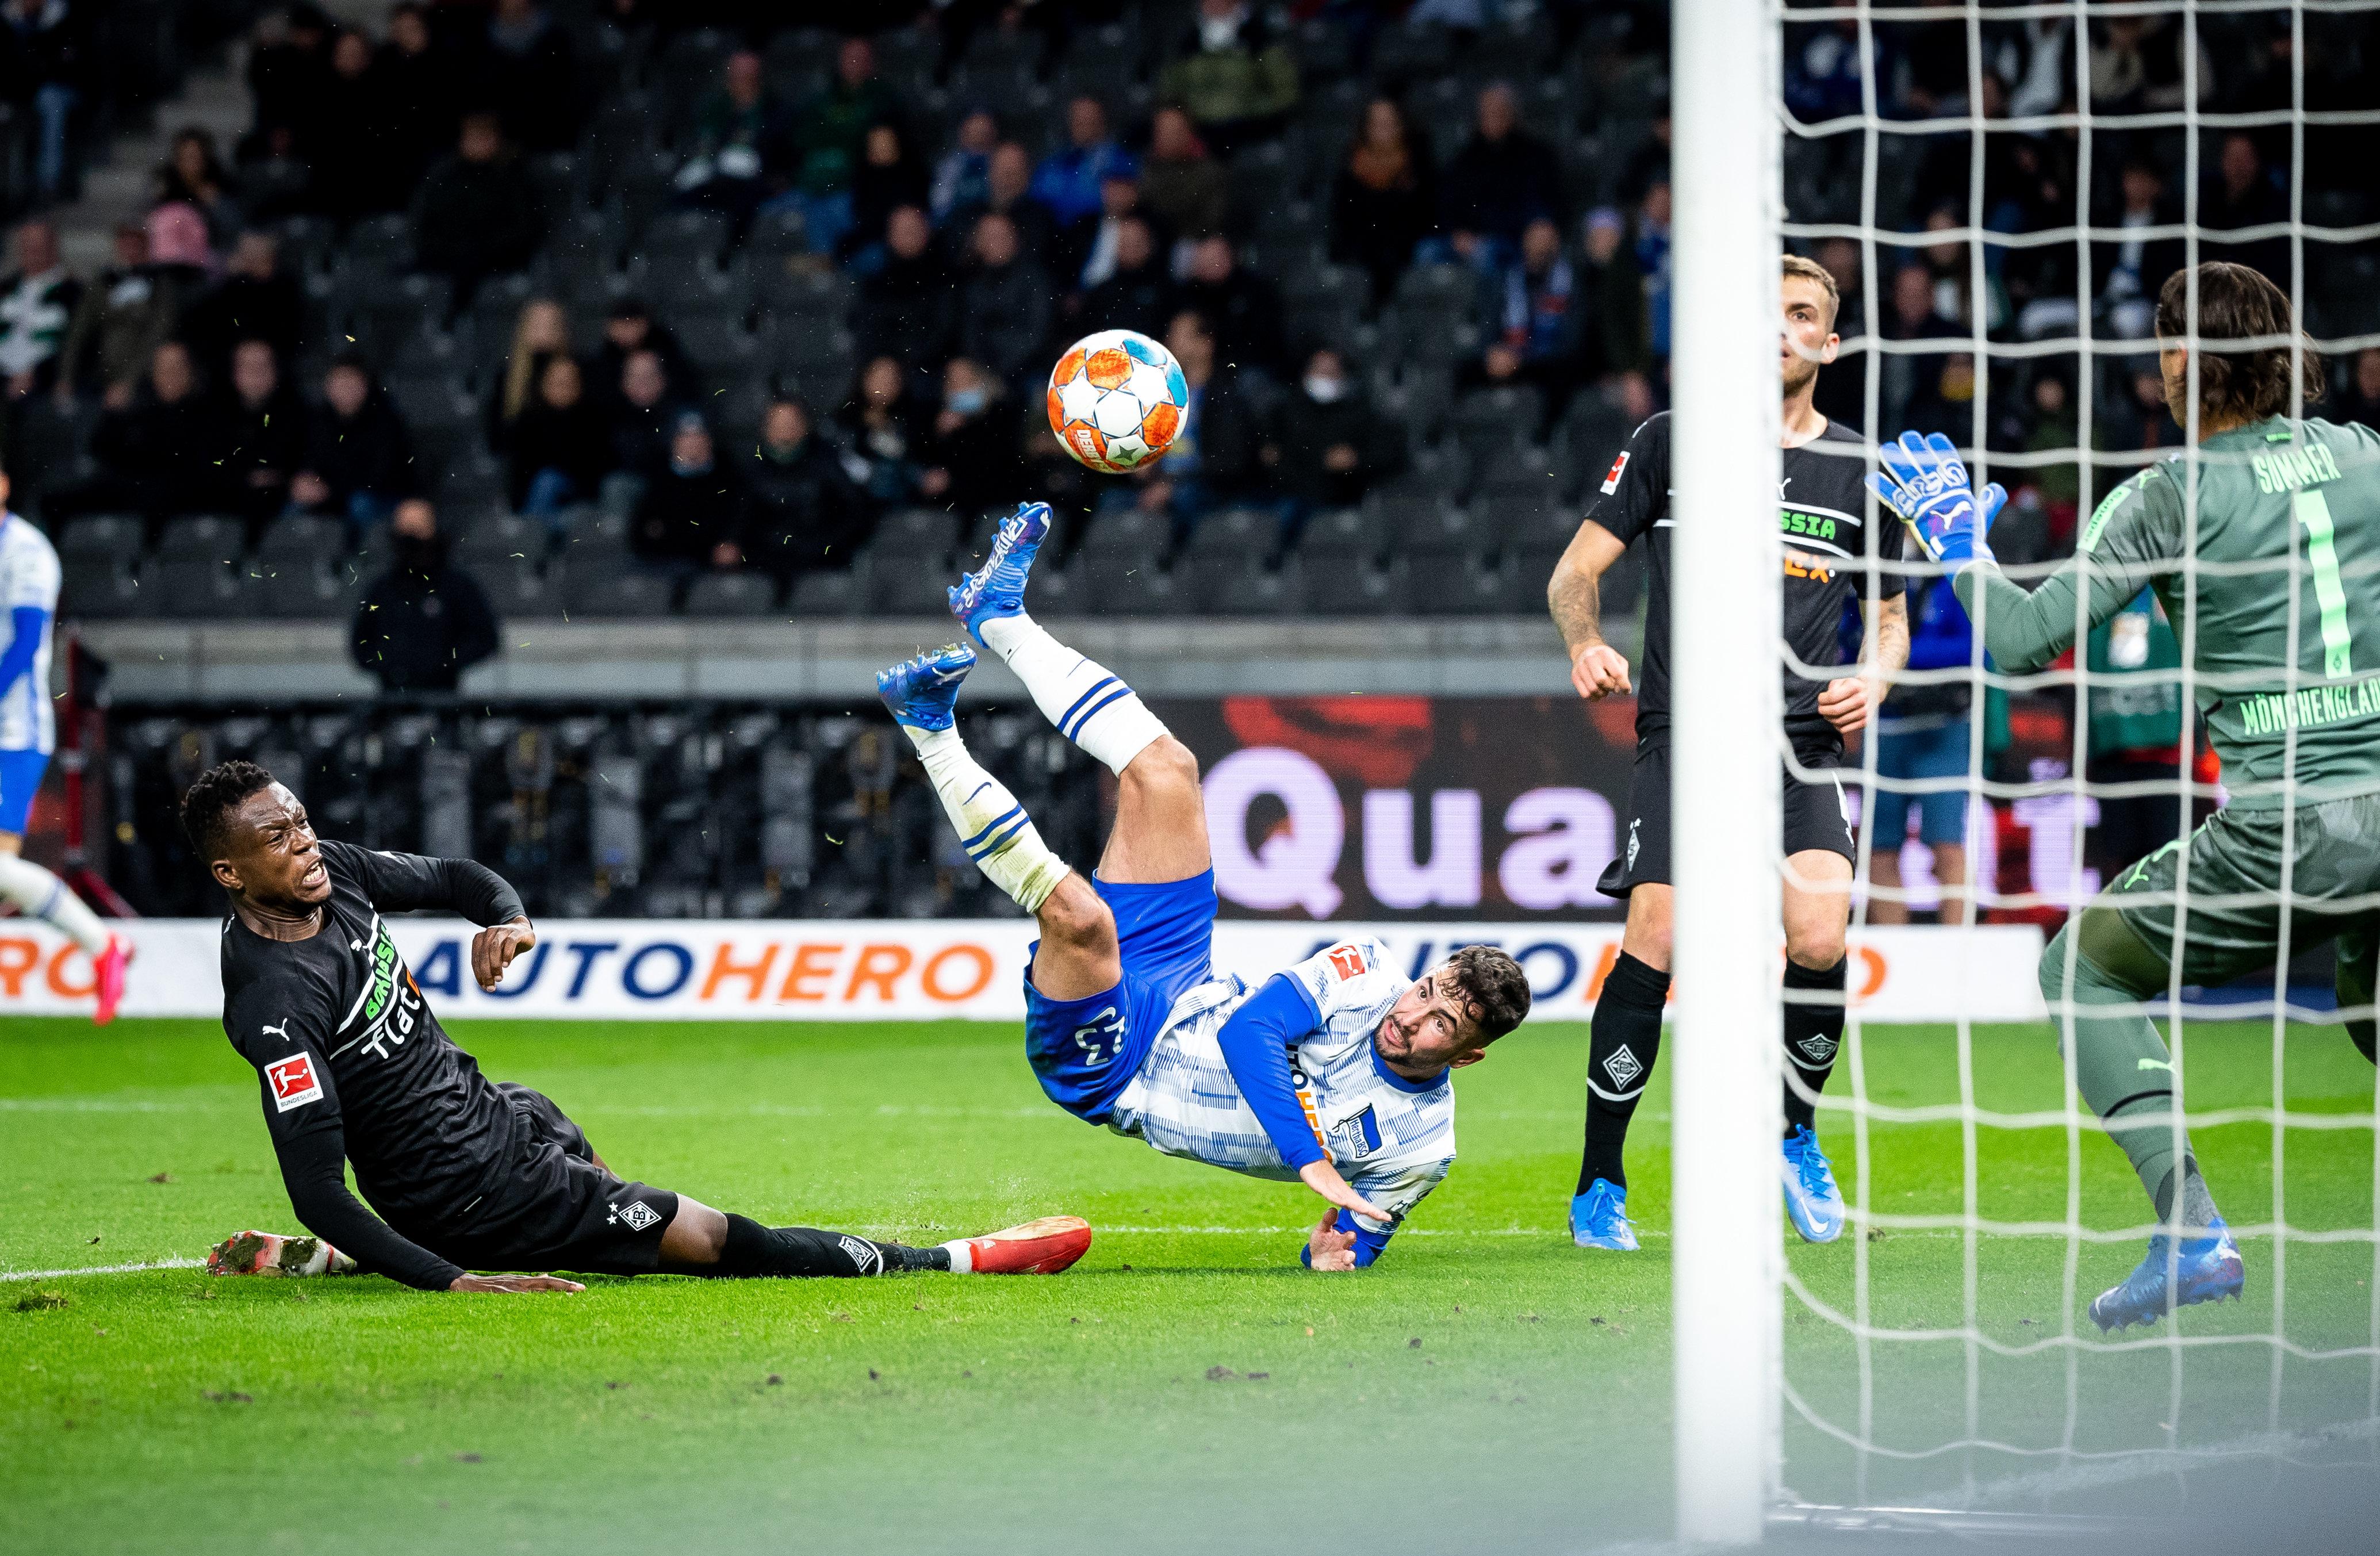 Marco Richter erzielt mit einem Seitfallzieher das 1:0 gegen Mönchengladbach.